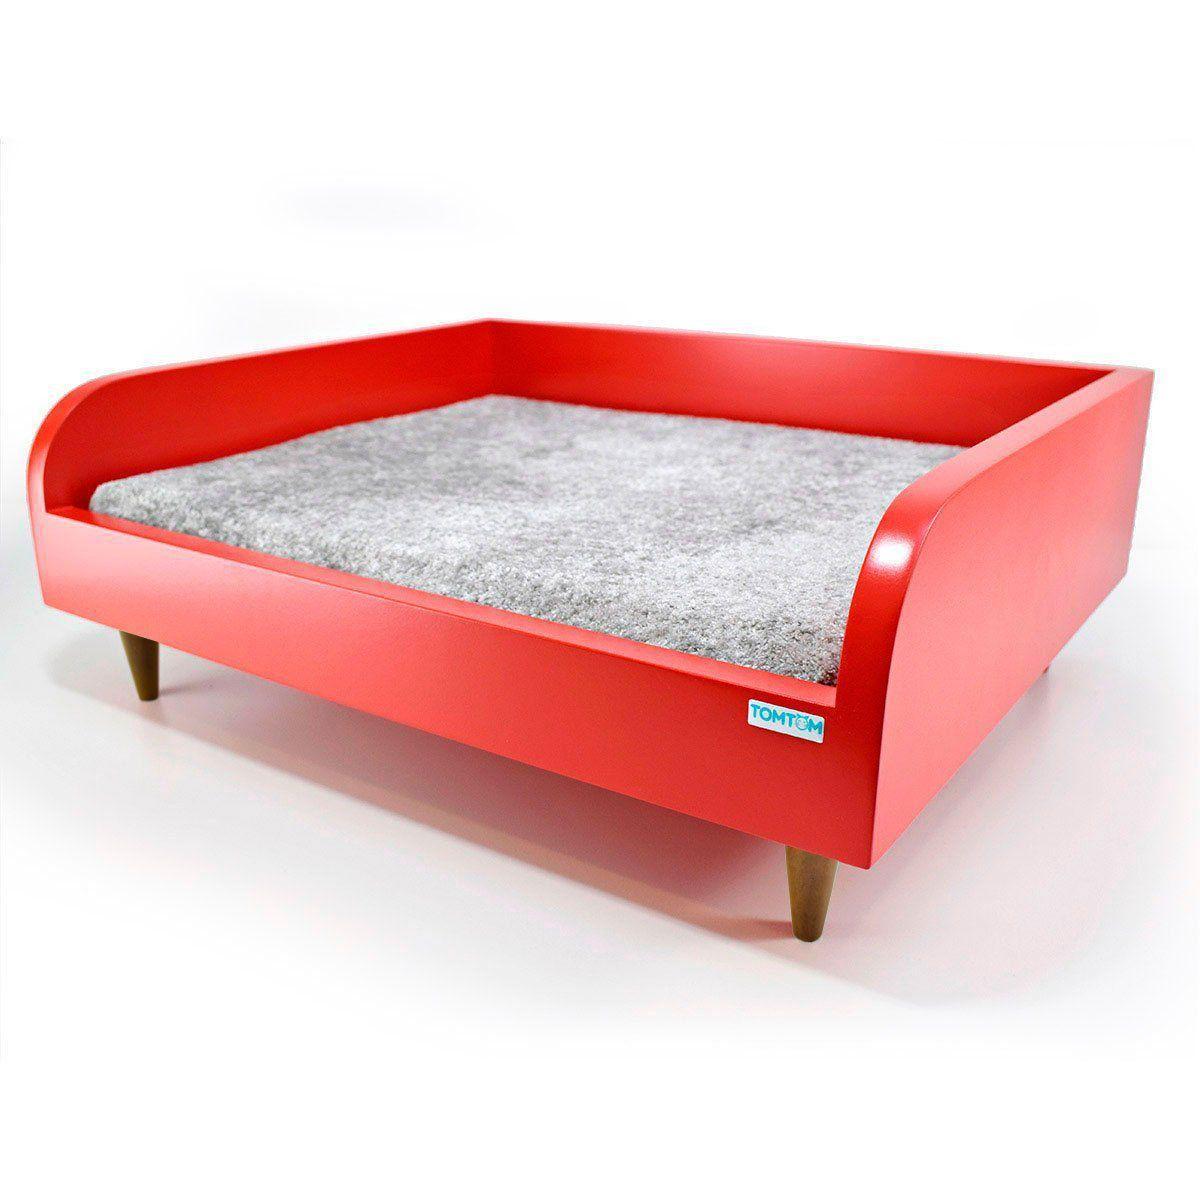 Sofá para Cachorro Tomtom Vermelho com Almofada Cinza - P